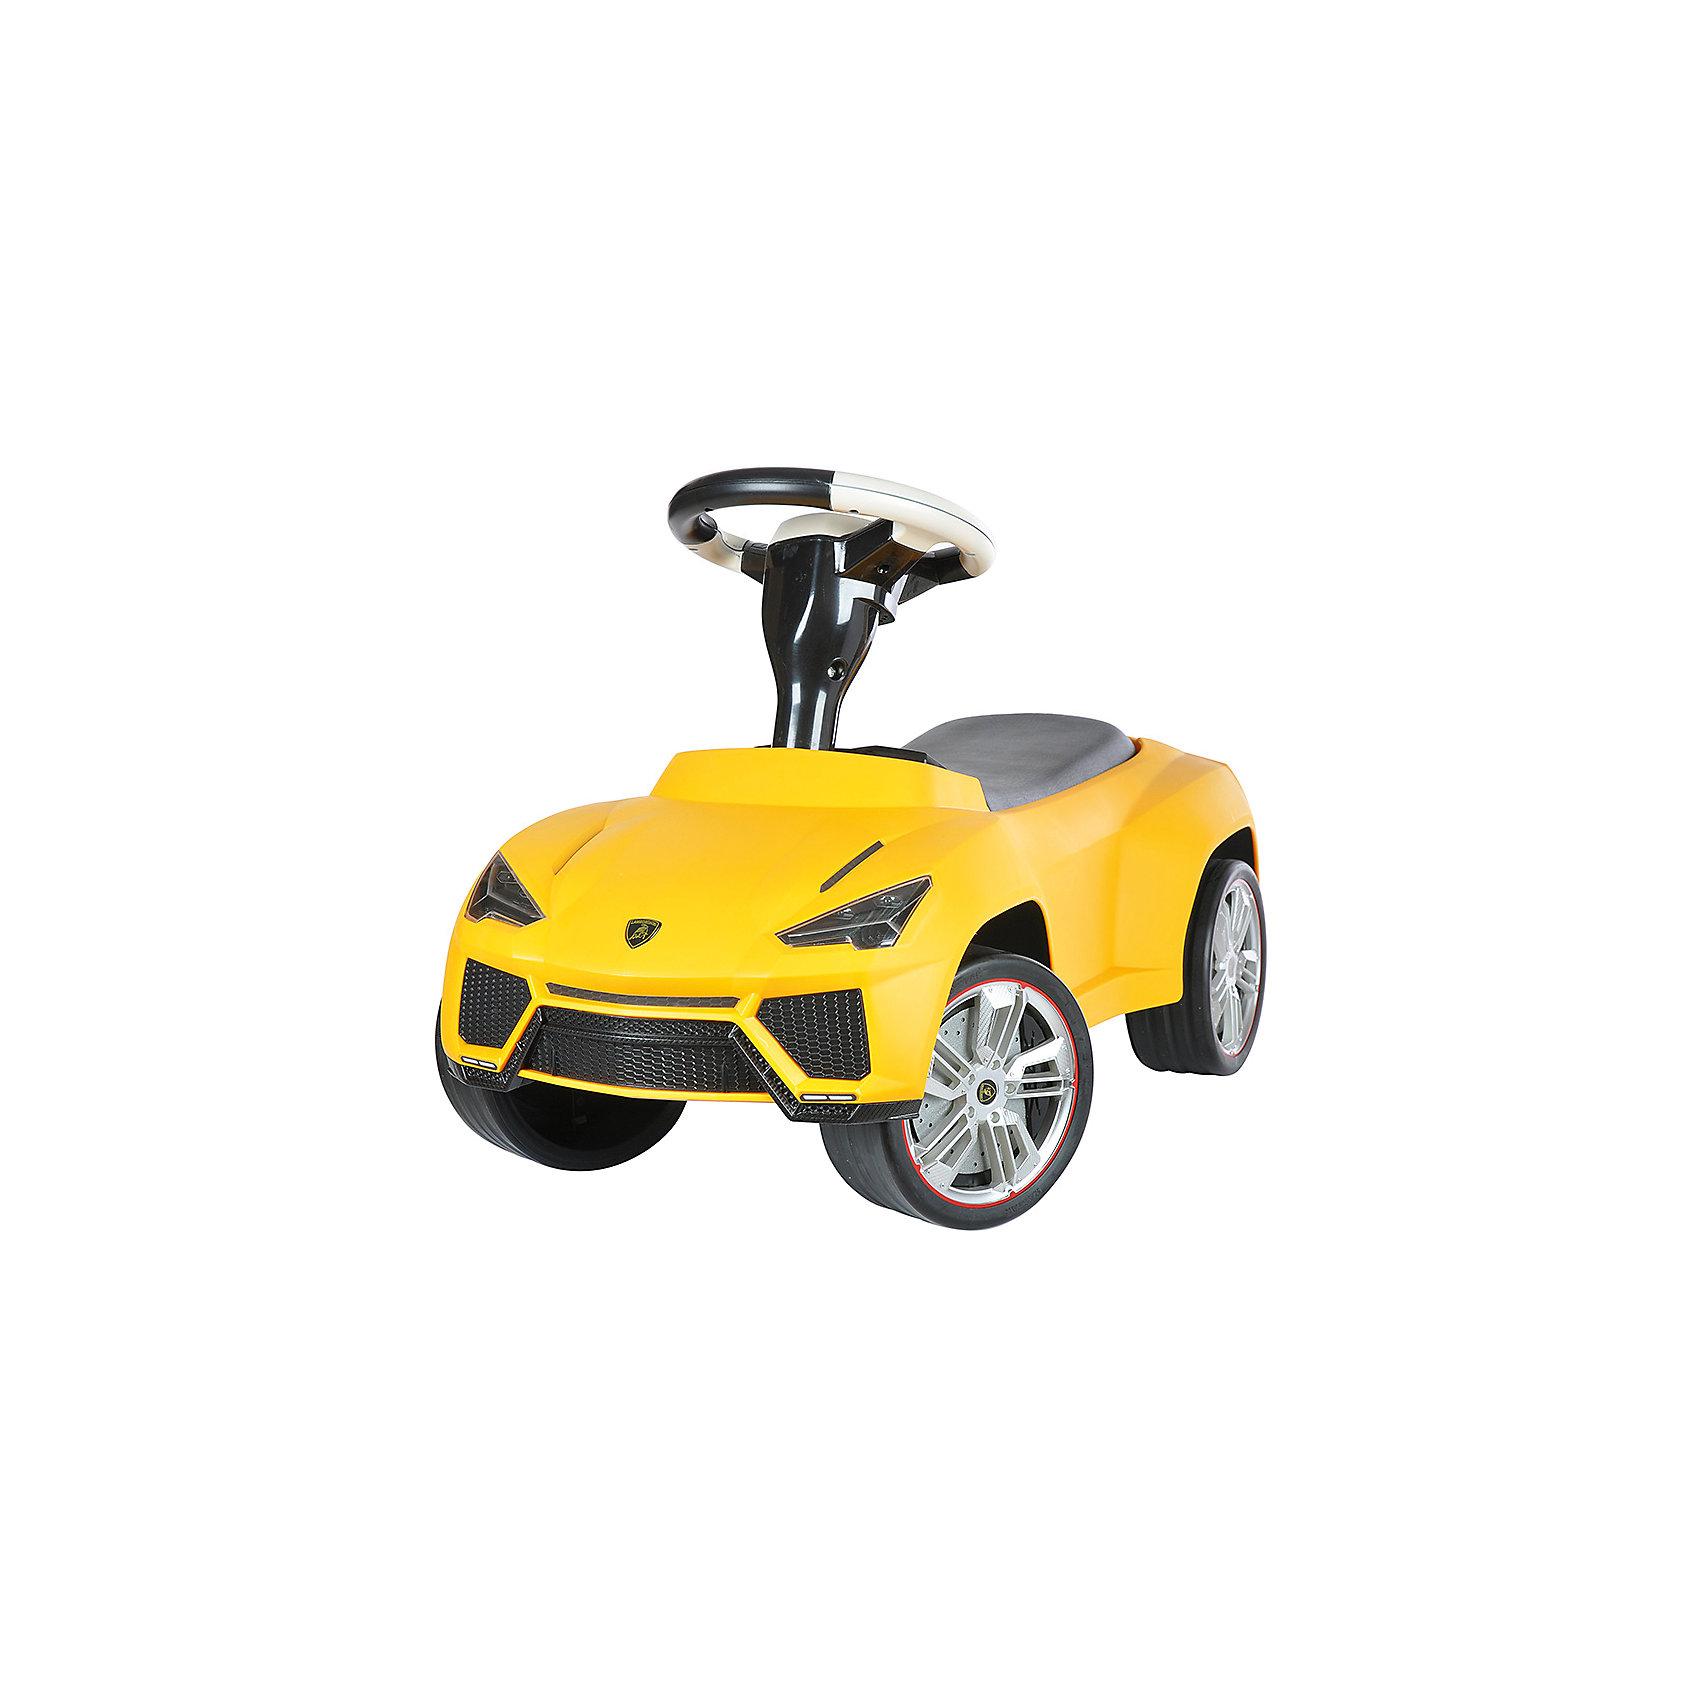 Каталка Lamborghini Urus, желтый, RASTARКаталка Lamborghini Urus, желтый, RASTAR - осчастливьте своего ребенка безопасной детской машиной.<br>Благодаря тому, что каталка имеет устойчивую конструкцию и колеса с поворотом на 90 градусов, она полностью безопасна для ребенка, даже если он любит быструю езду.  На руле есть кнопка для звукового сигнала. Ход машины очень плавный, может ездить вперед и назад. Есть вместительный багажник для игрушек или вещей, под сиденьем. Машина сделана под марку «Lamborghini».<br><br>Дополнительная информация:<br><br>- размер: 70 ? 30 ? 39 см<br>- вес: 2,7 кг<br>- возраст: от 1 до 3 лет<br>- максимальный вес: до 30 кг<br>- цвет: желтый<br><br>Каталку Lamborghini Urus, желтый, RASTAR можно купить в нашем интернет магазине.<br><br>Ширина мм: 650<br>Глубина мм: 350<br>Высота мм: 300<br>Вес г: 3800<br>Возраст от месяцев: 12<br>Возраст до месяцев: 36<br>Пол: Унисекс<br>Возраст: Детский<br>SKU: 4995160